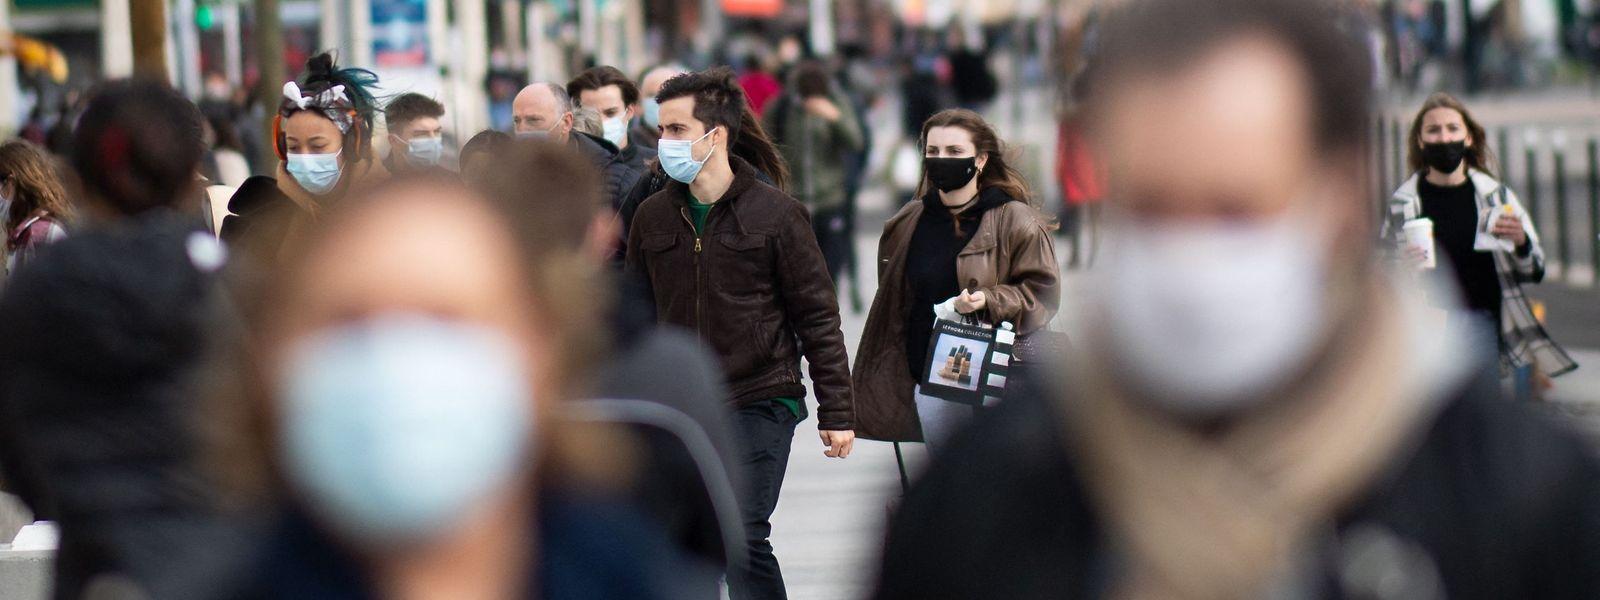 Le masque reste obligatoire dans les transports en commun ou en cours désormais, mais pas dans l'espace public.